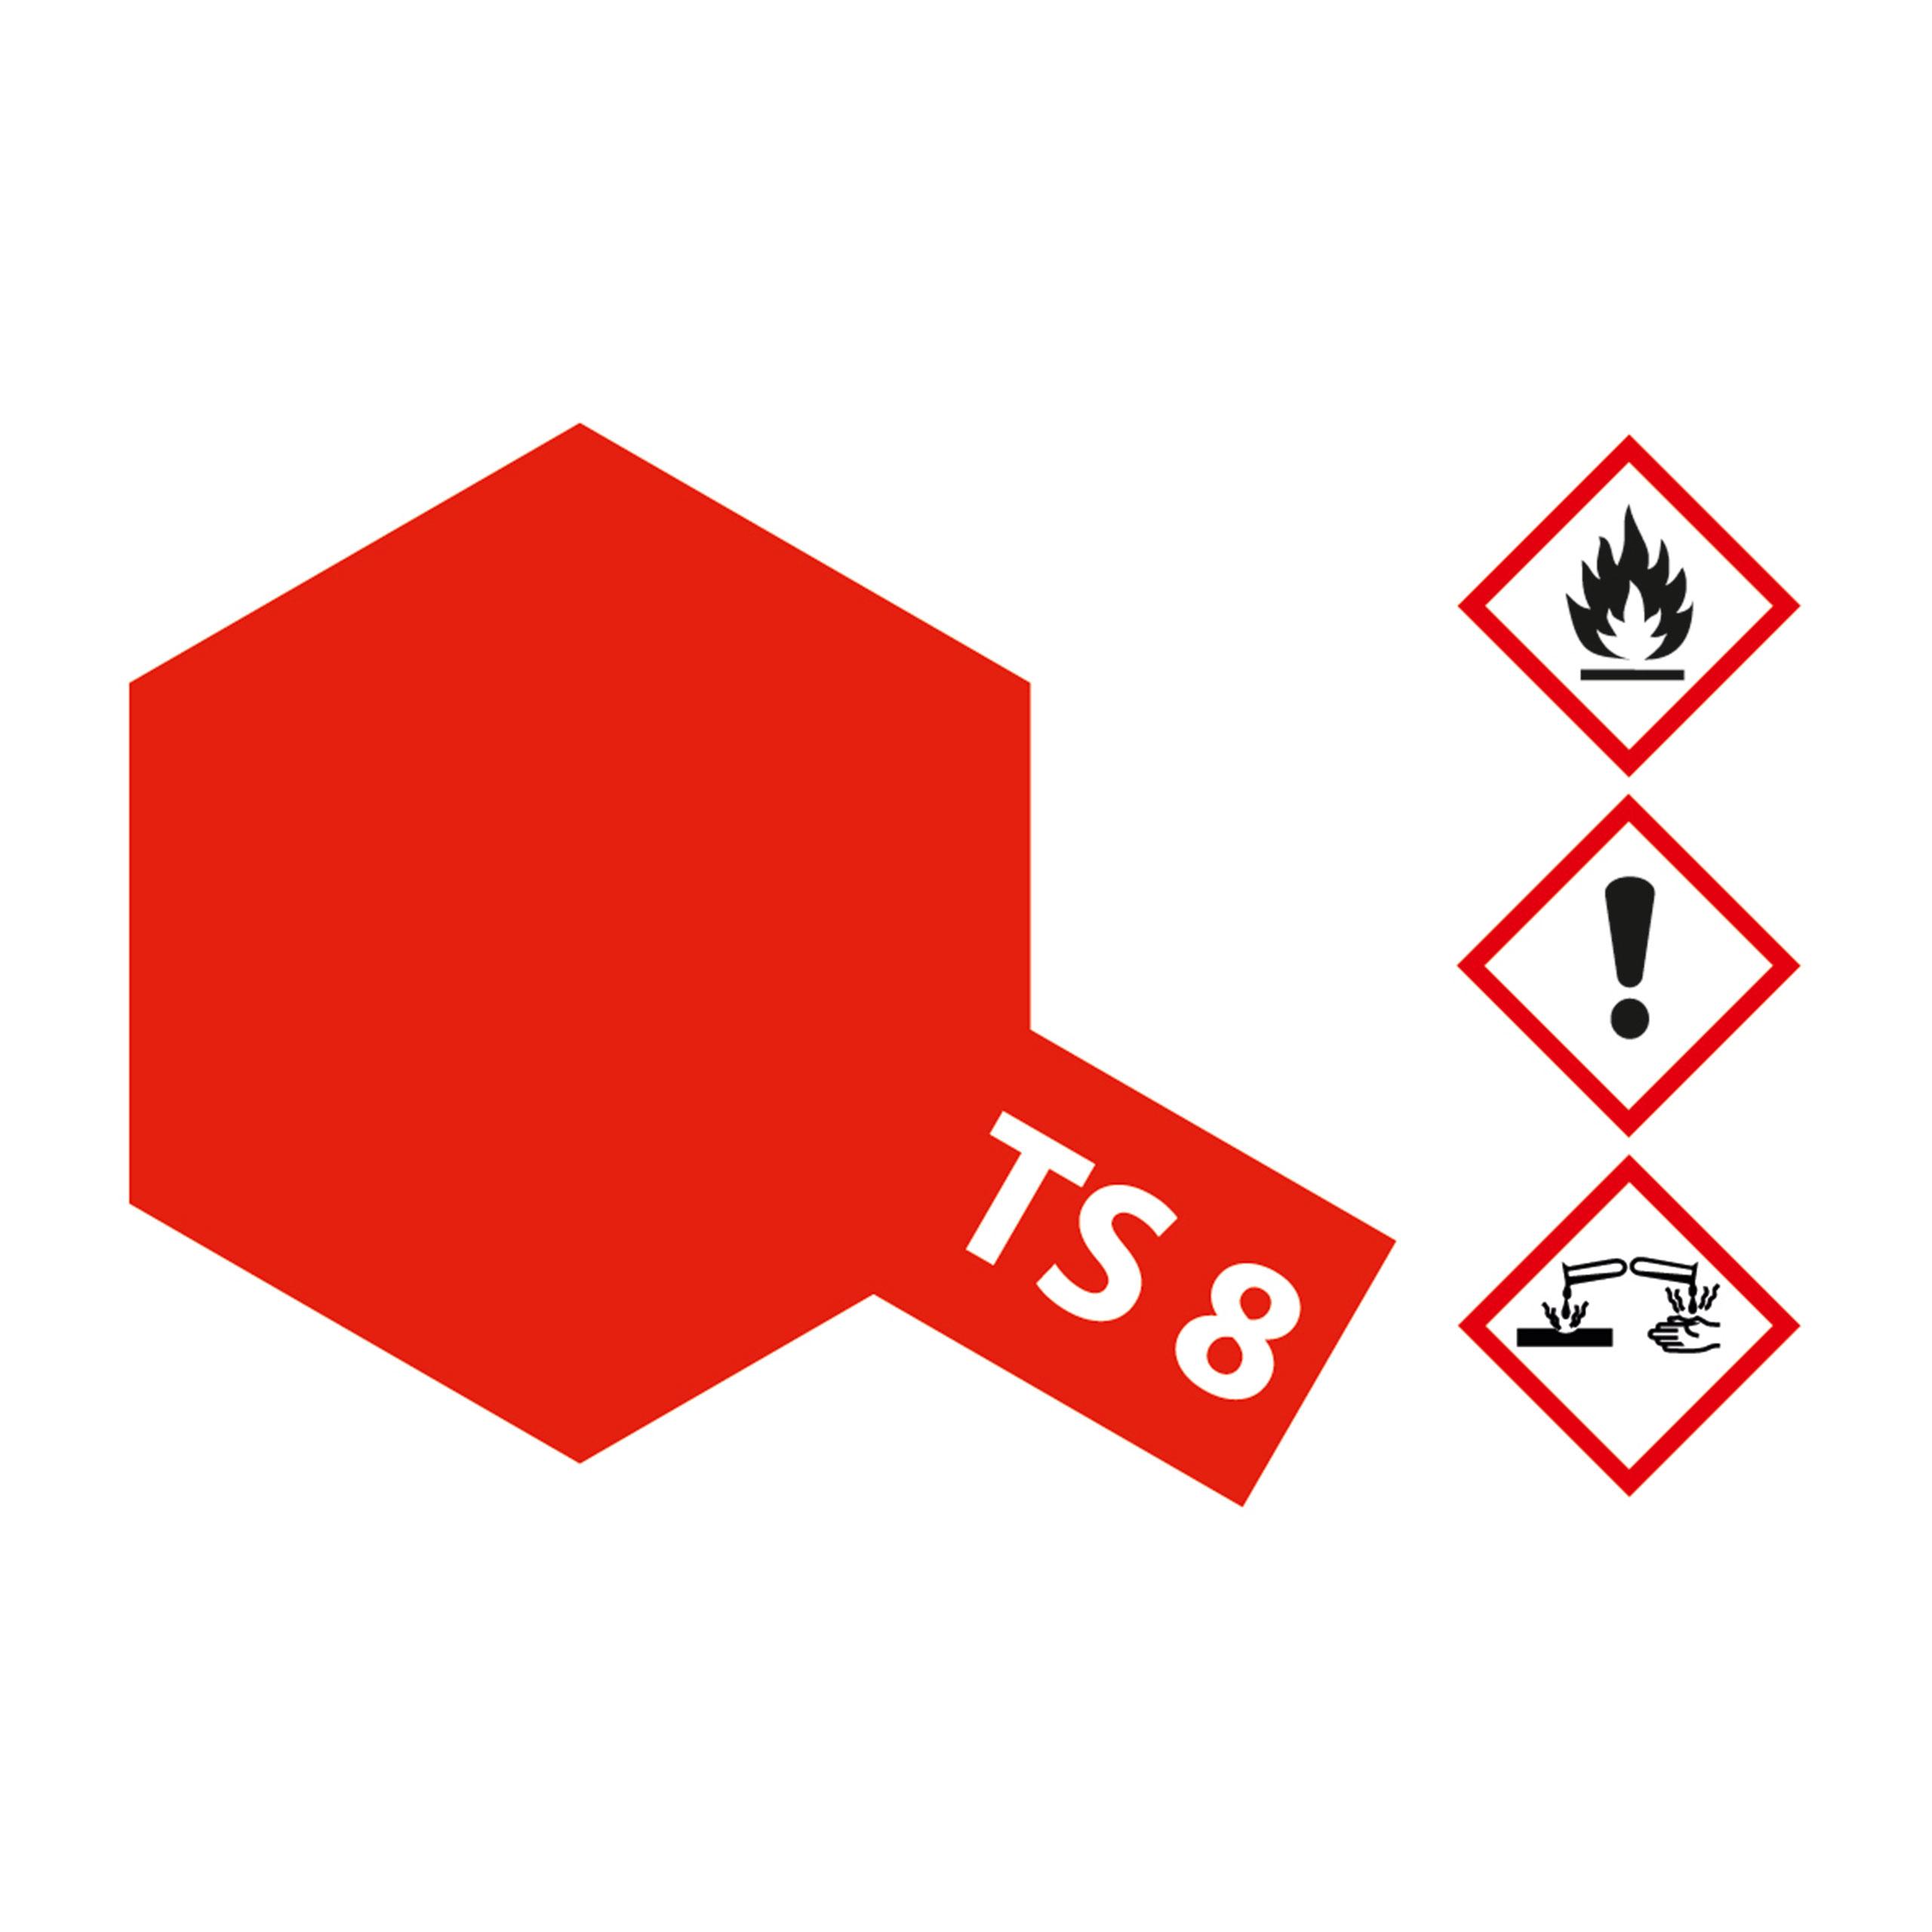 TS-8 Italienisch Rot glaenzend - 100ml Sprayfarbe Kunstharz Tamiya 300085008